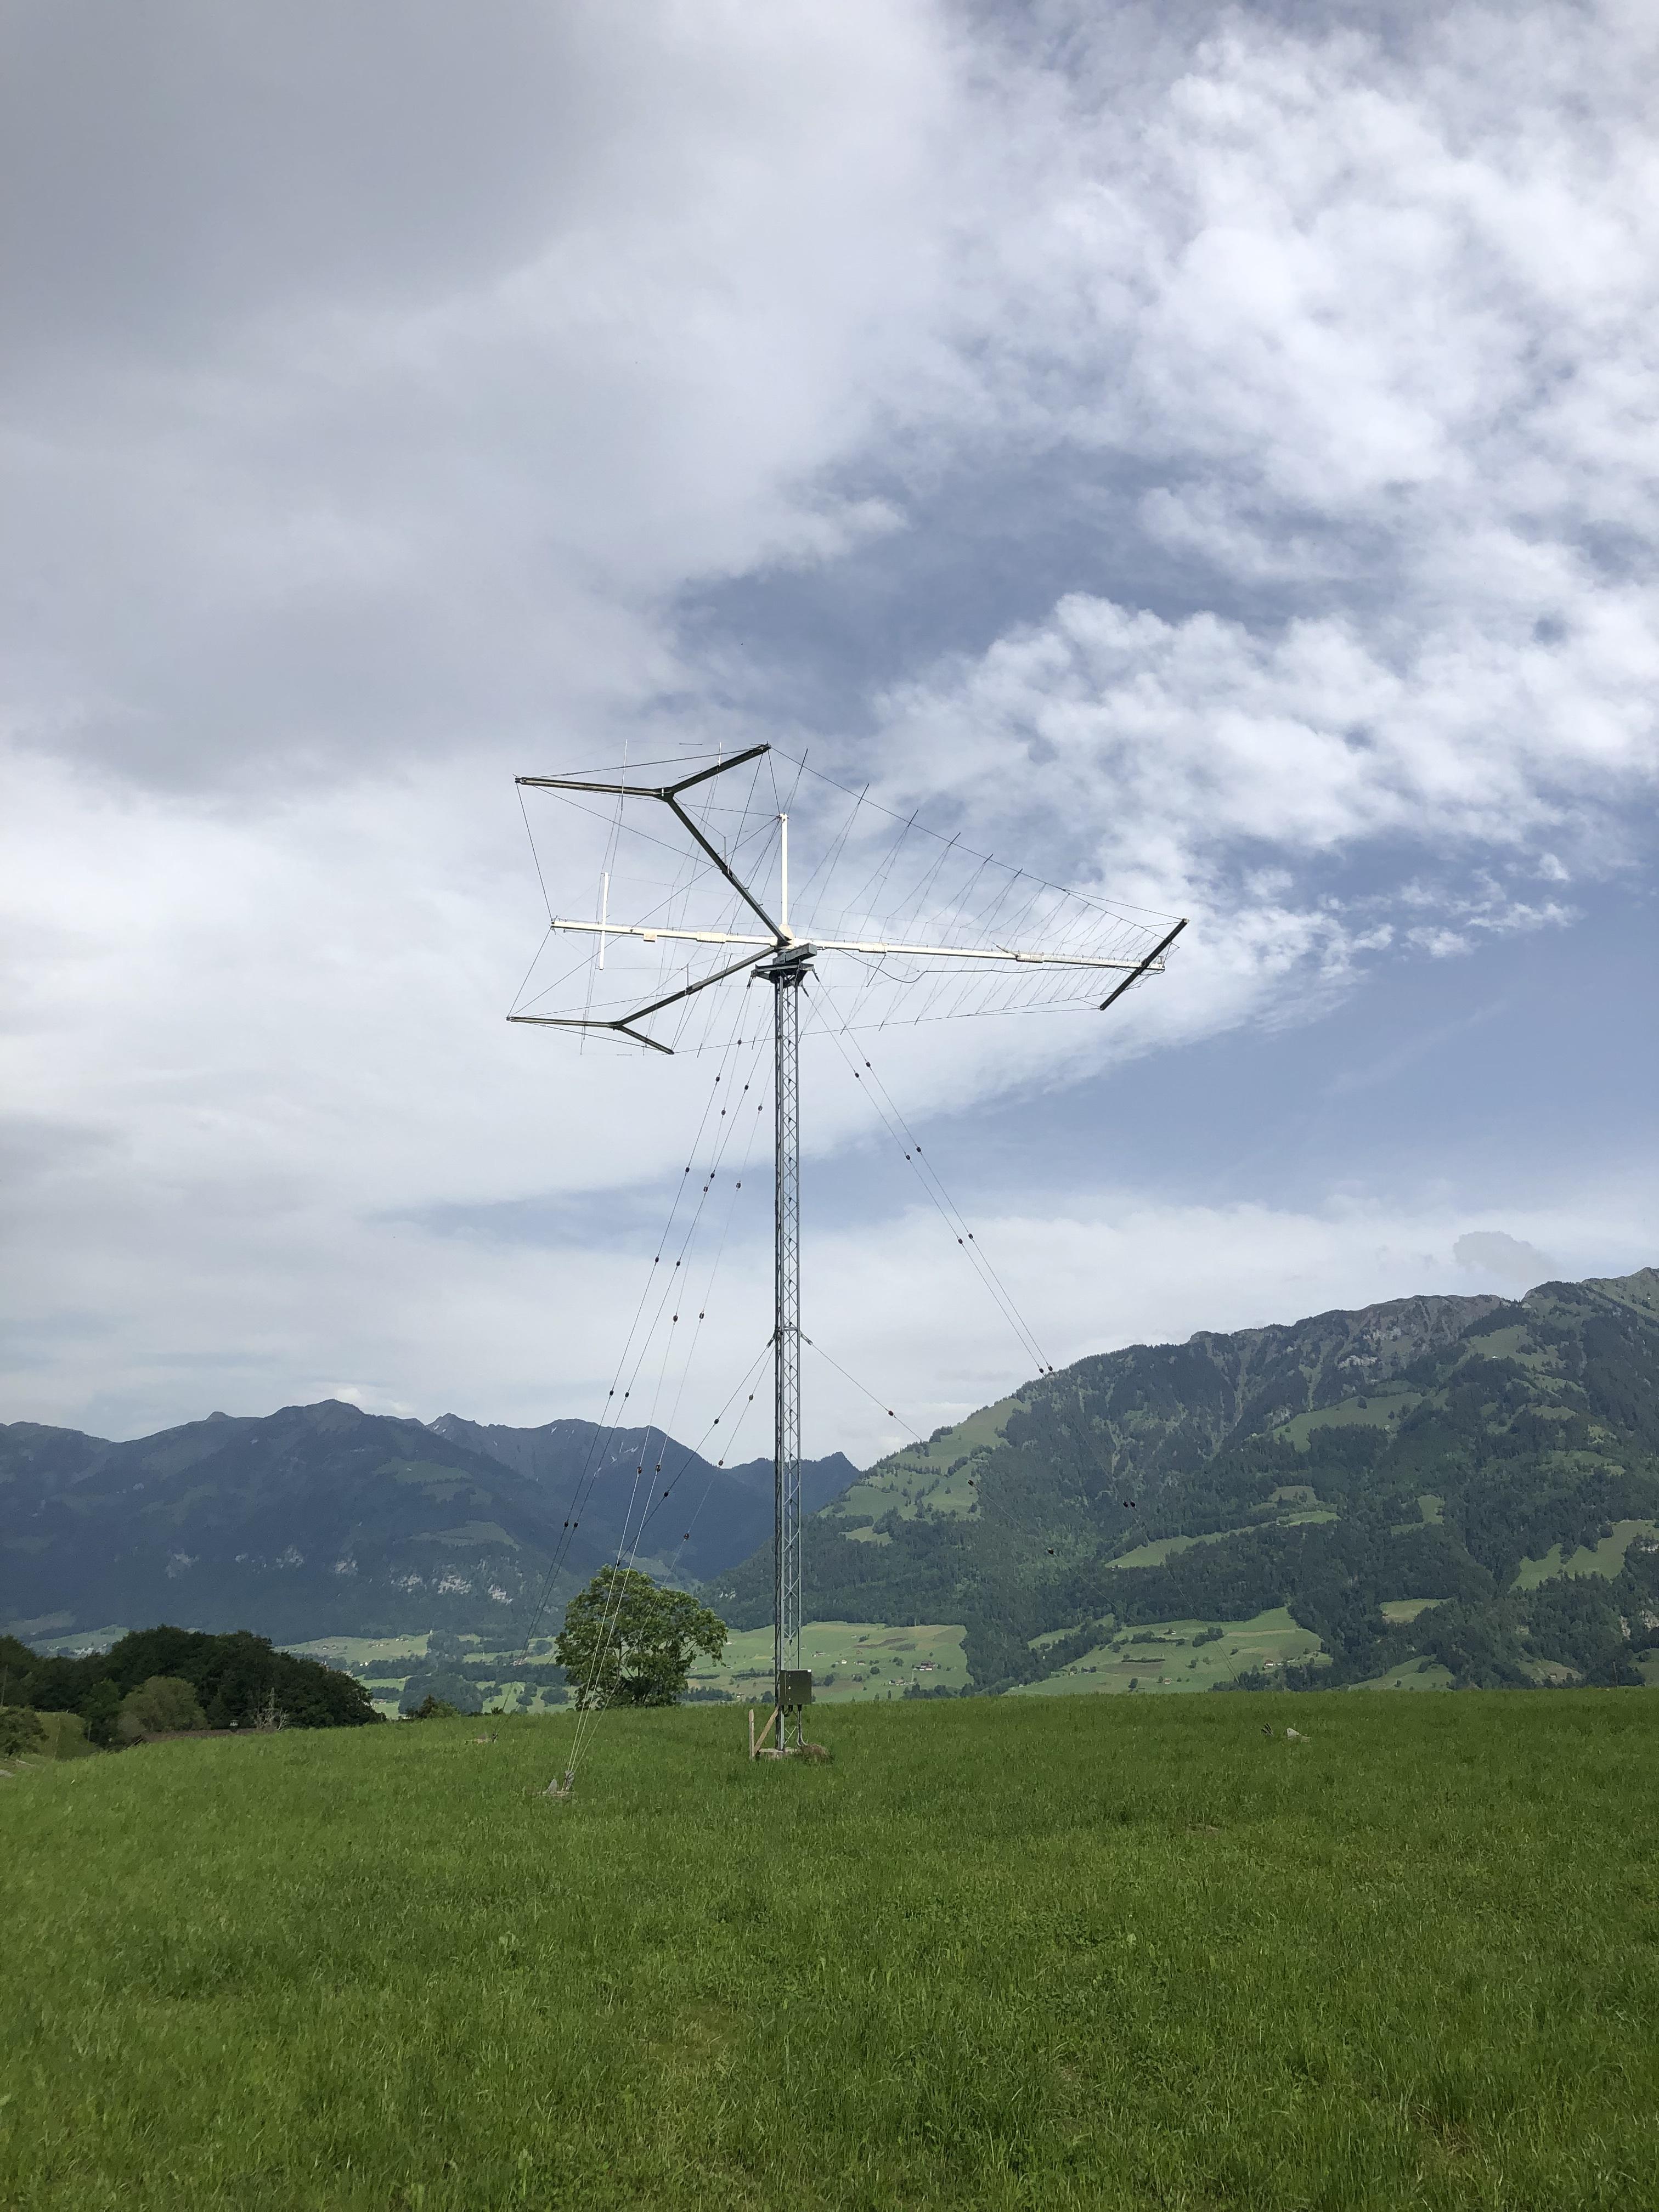 The Sarnen transmitter